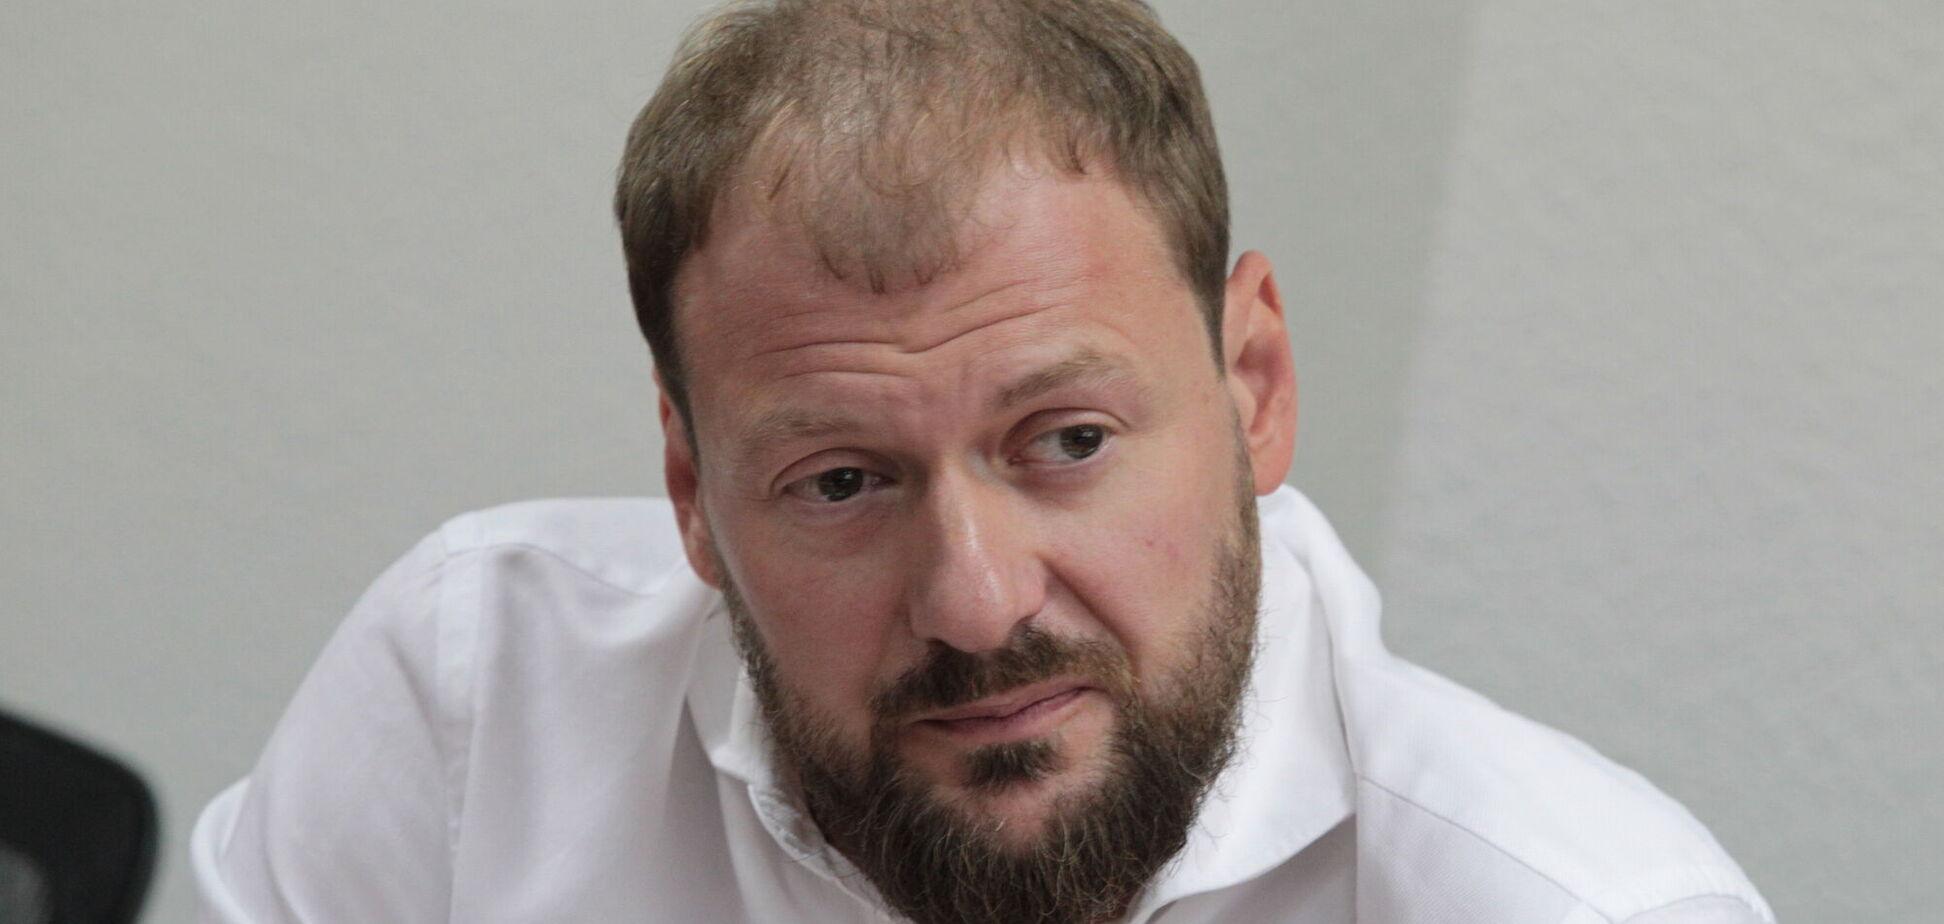 Арбитражный управляющий Лахненко и ранее был под следствием по делам о растратах госимущества – СМИ